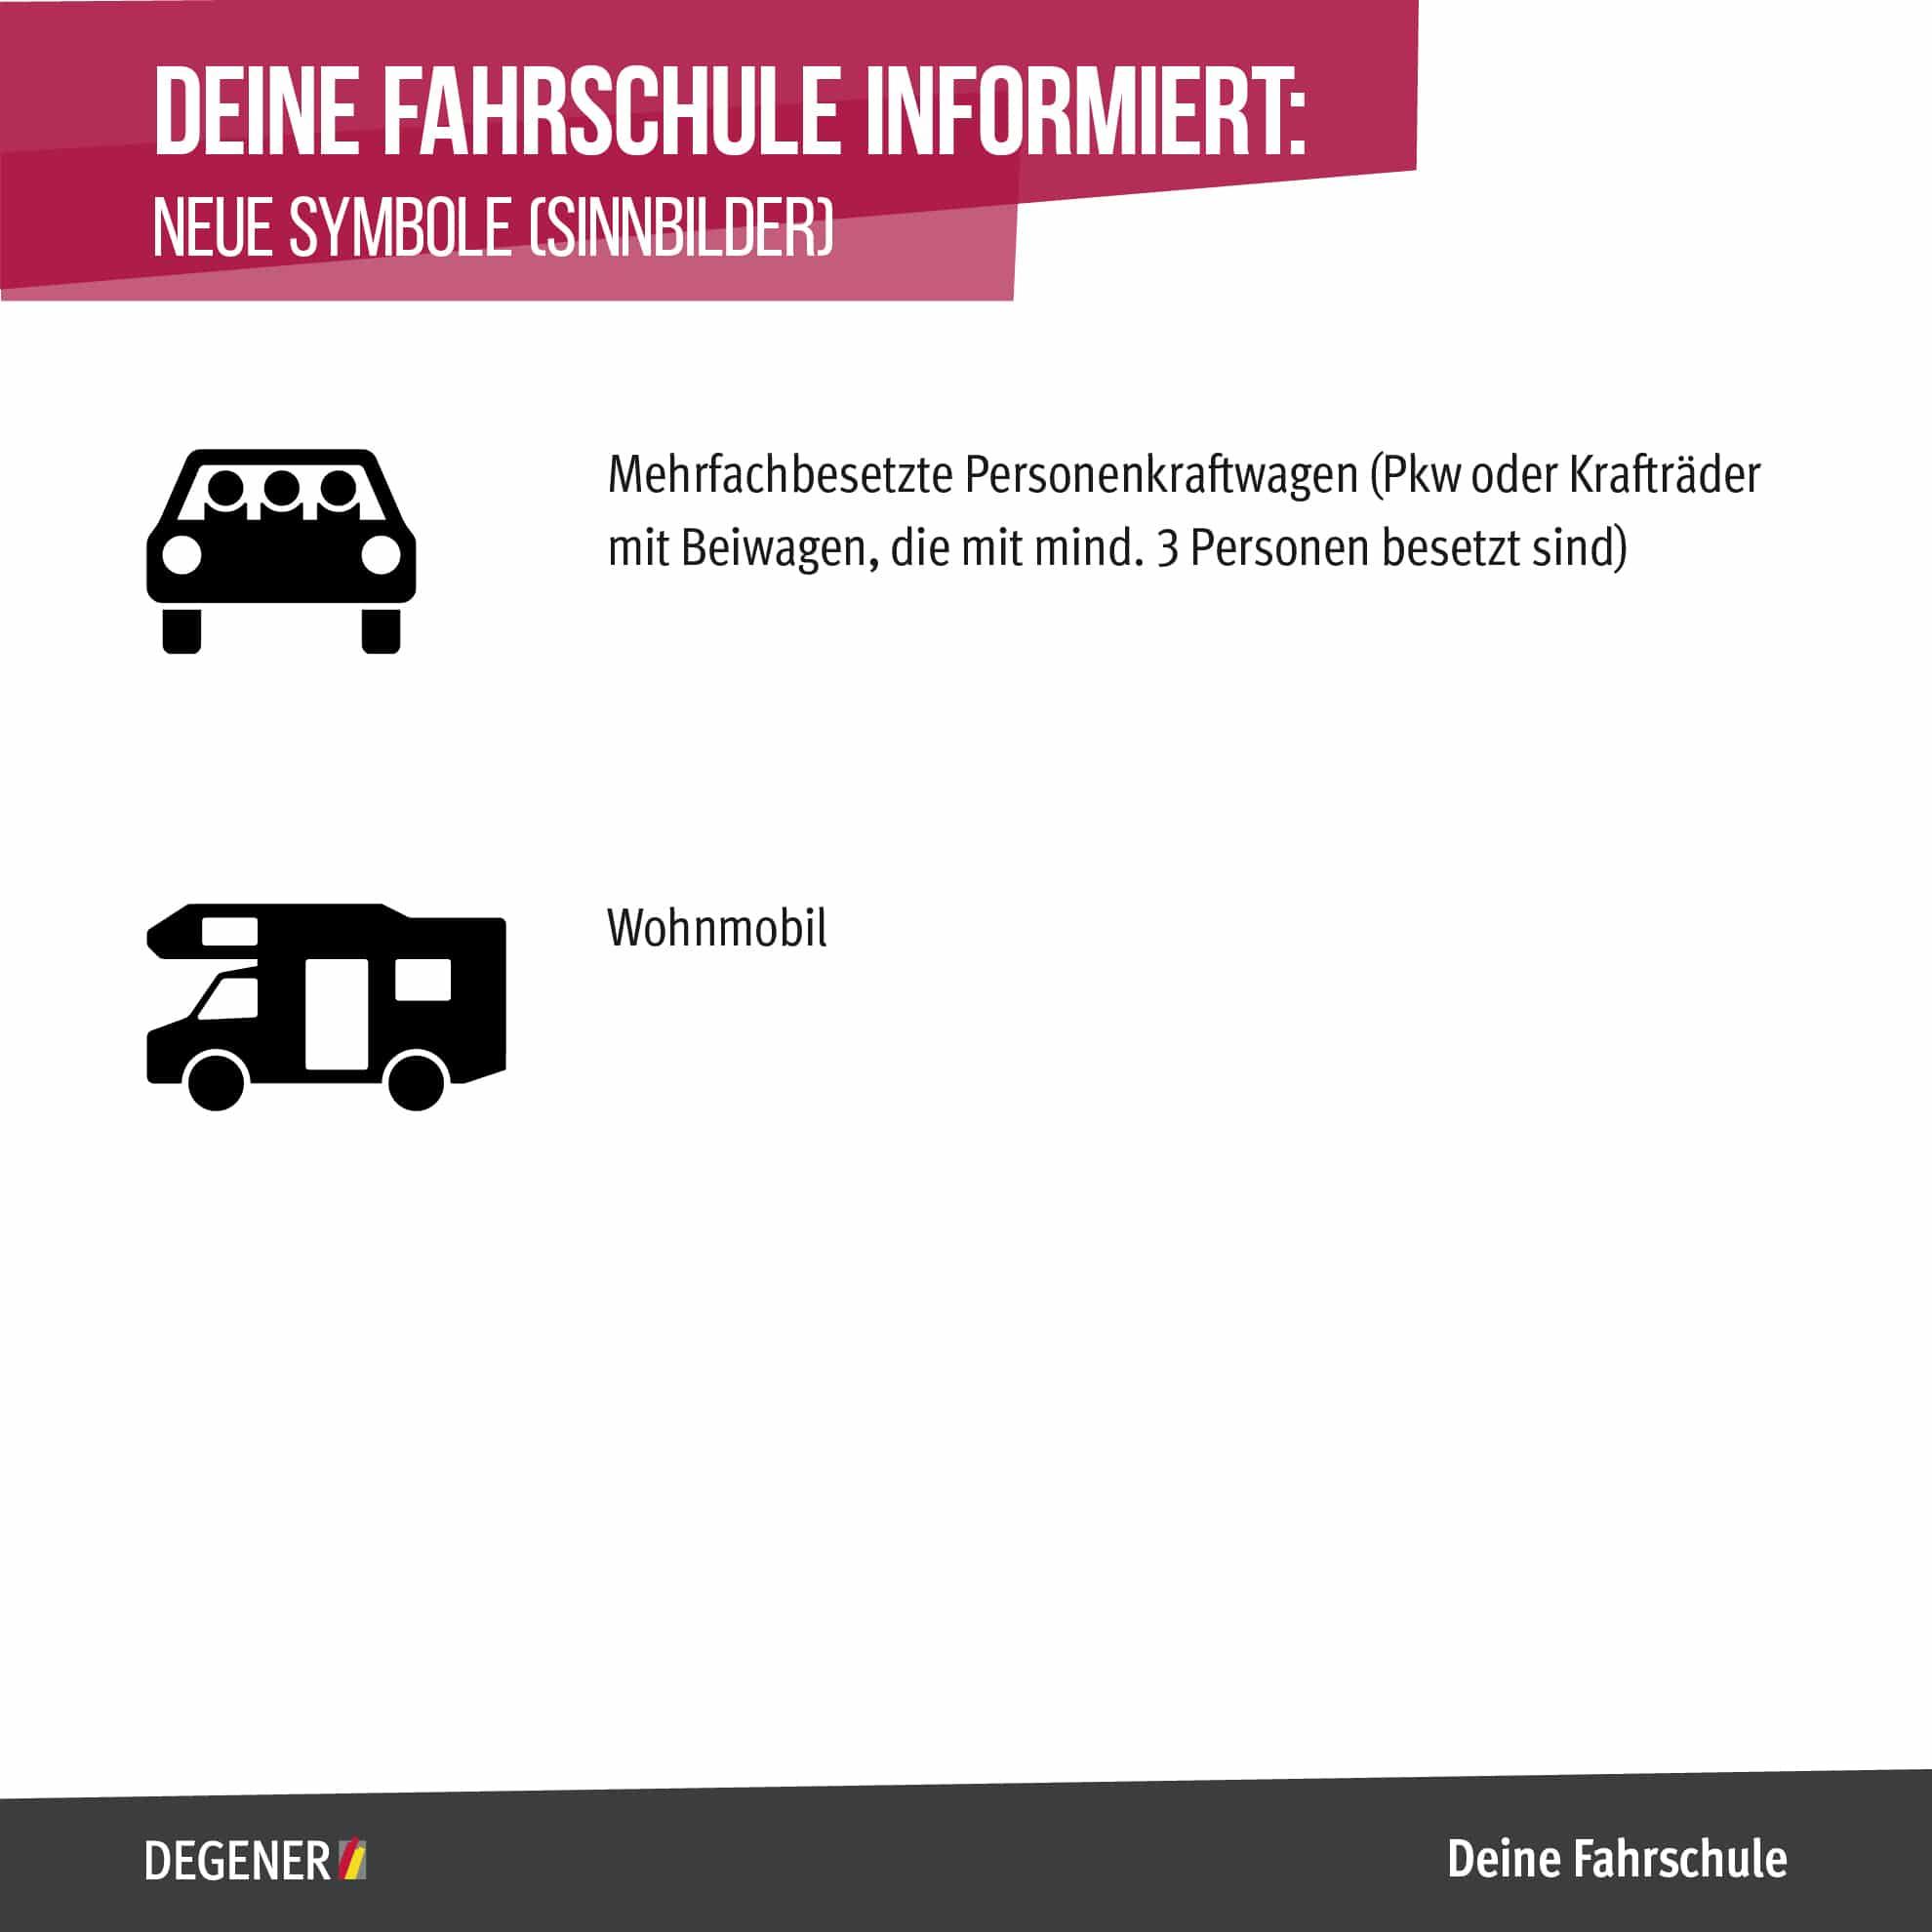 06_Deine-FS-informiert-neue-Verkehrszeichen